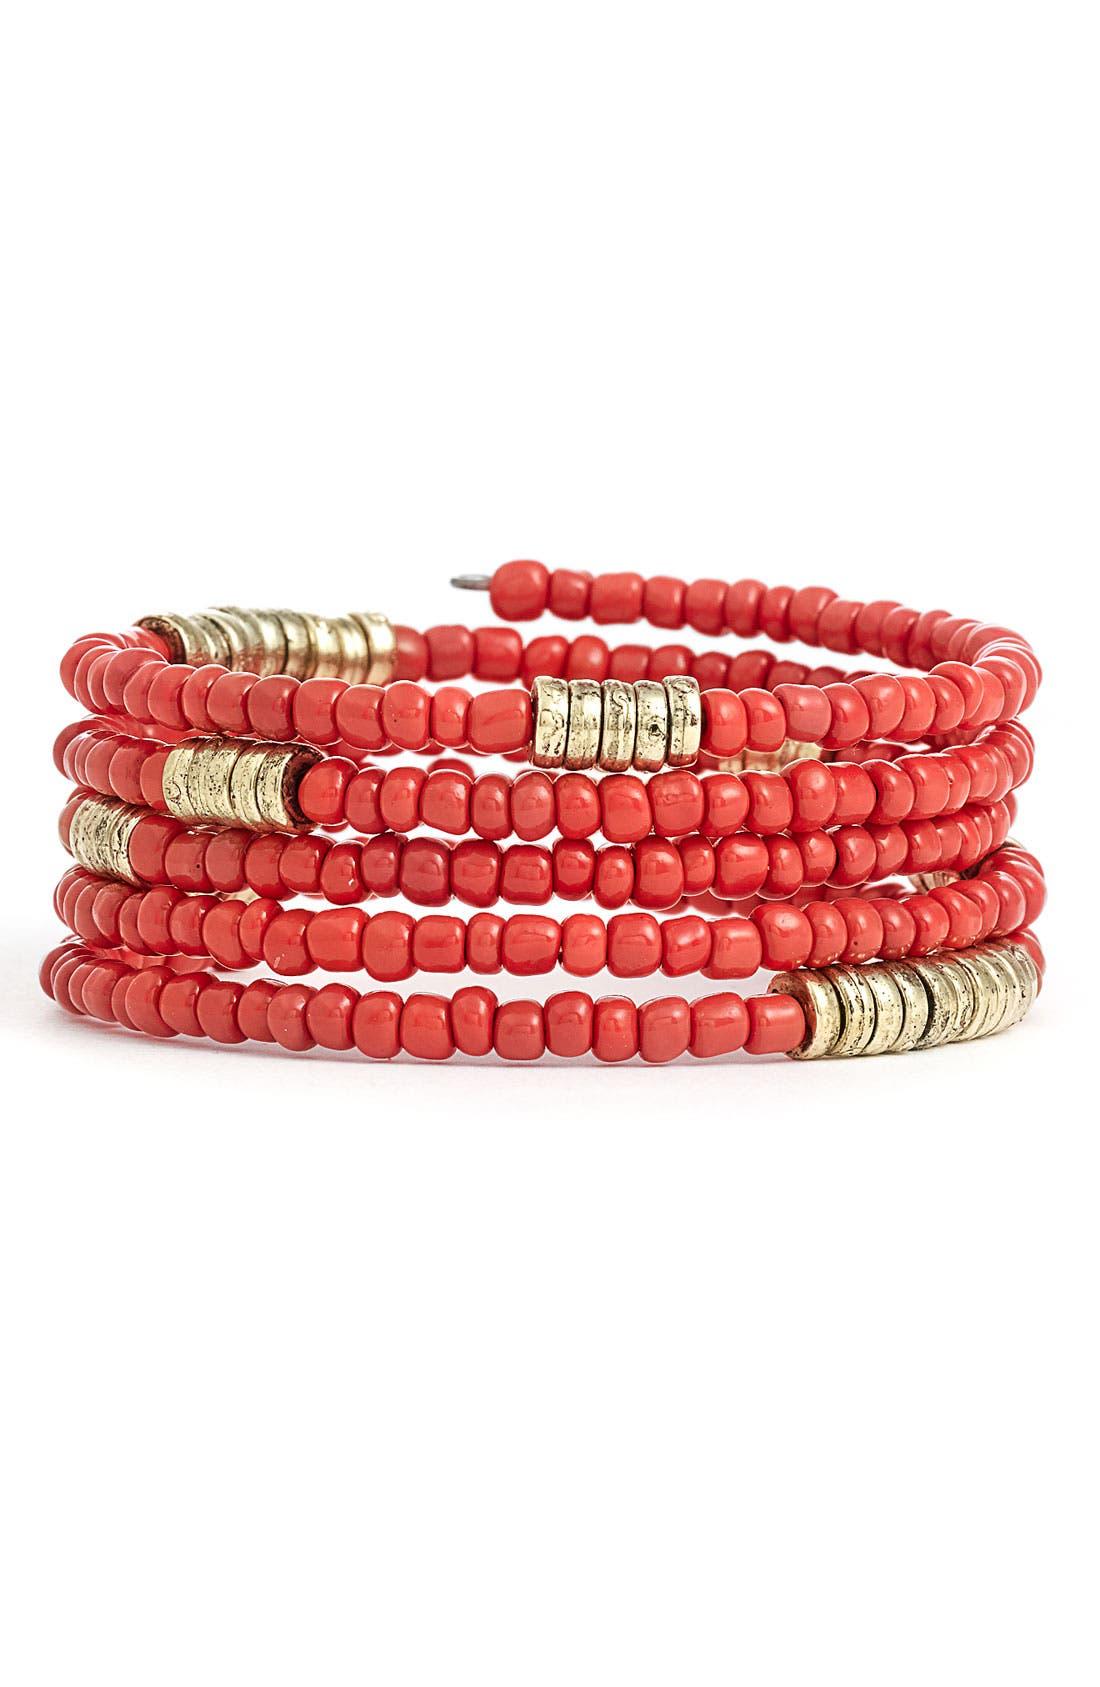 Alternate Image 1 Selected - Stephan & Co. Coil Bracelet